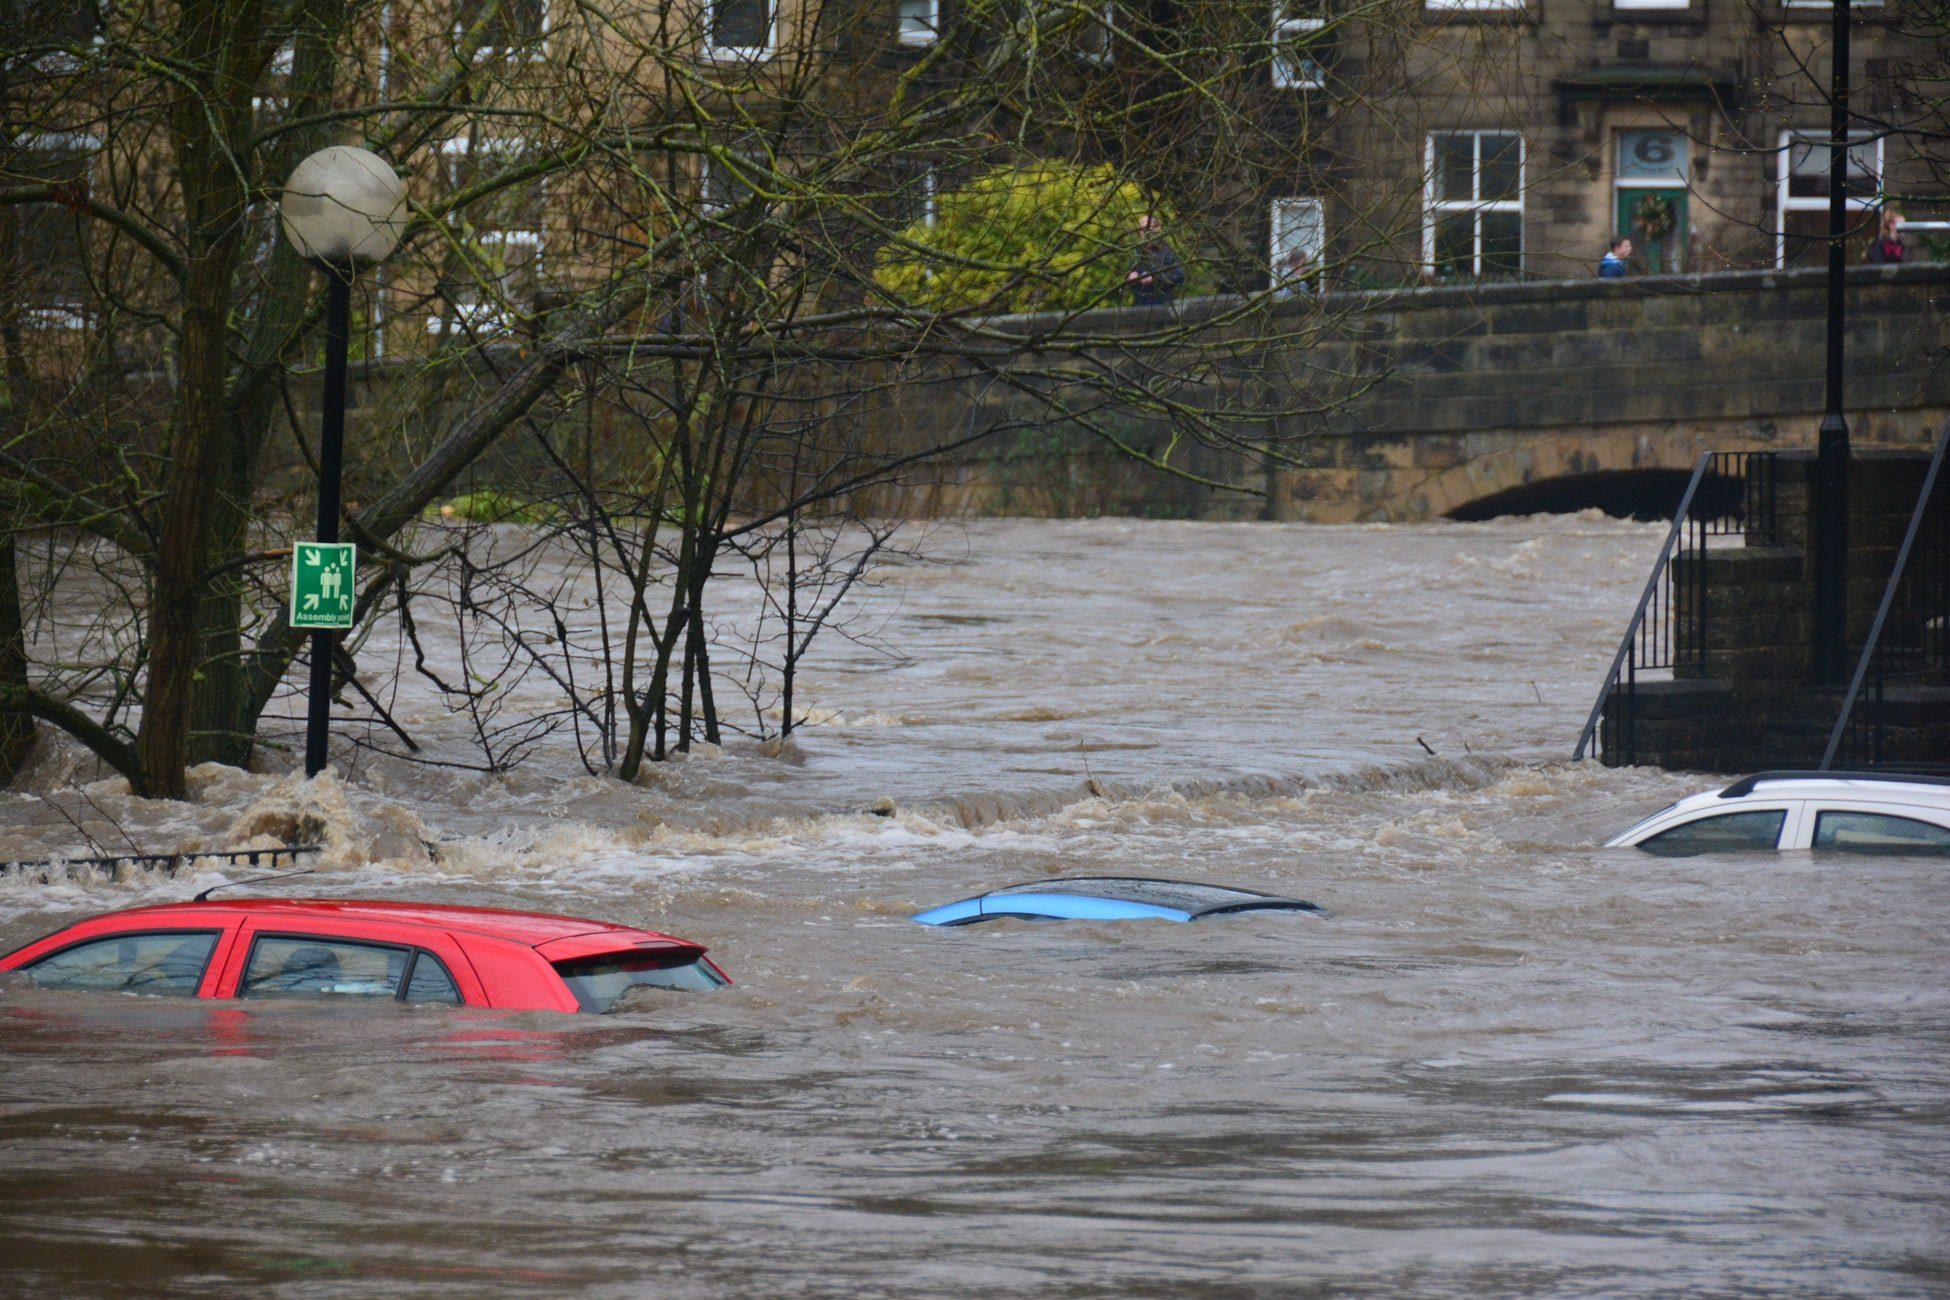 คำศัพท์ภาษาอังกฤษเกี่ยวกับ ภัยพิบัติ น้ำท่วม แผ่นดินไหว สึนามึ ดินฟ้าอากาศ